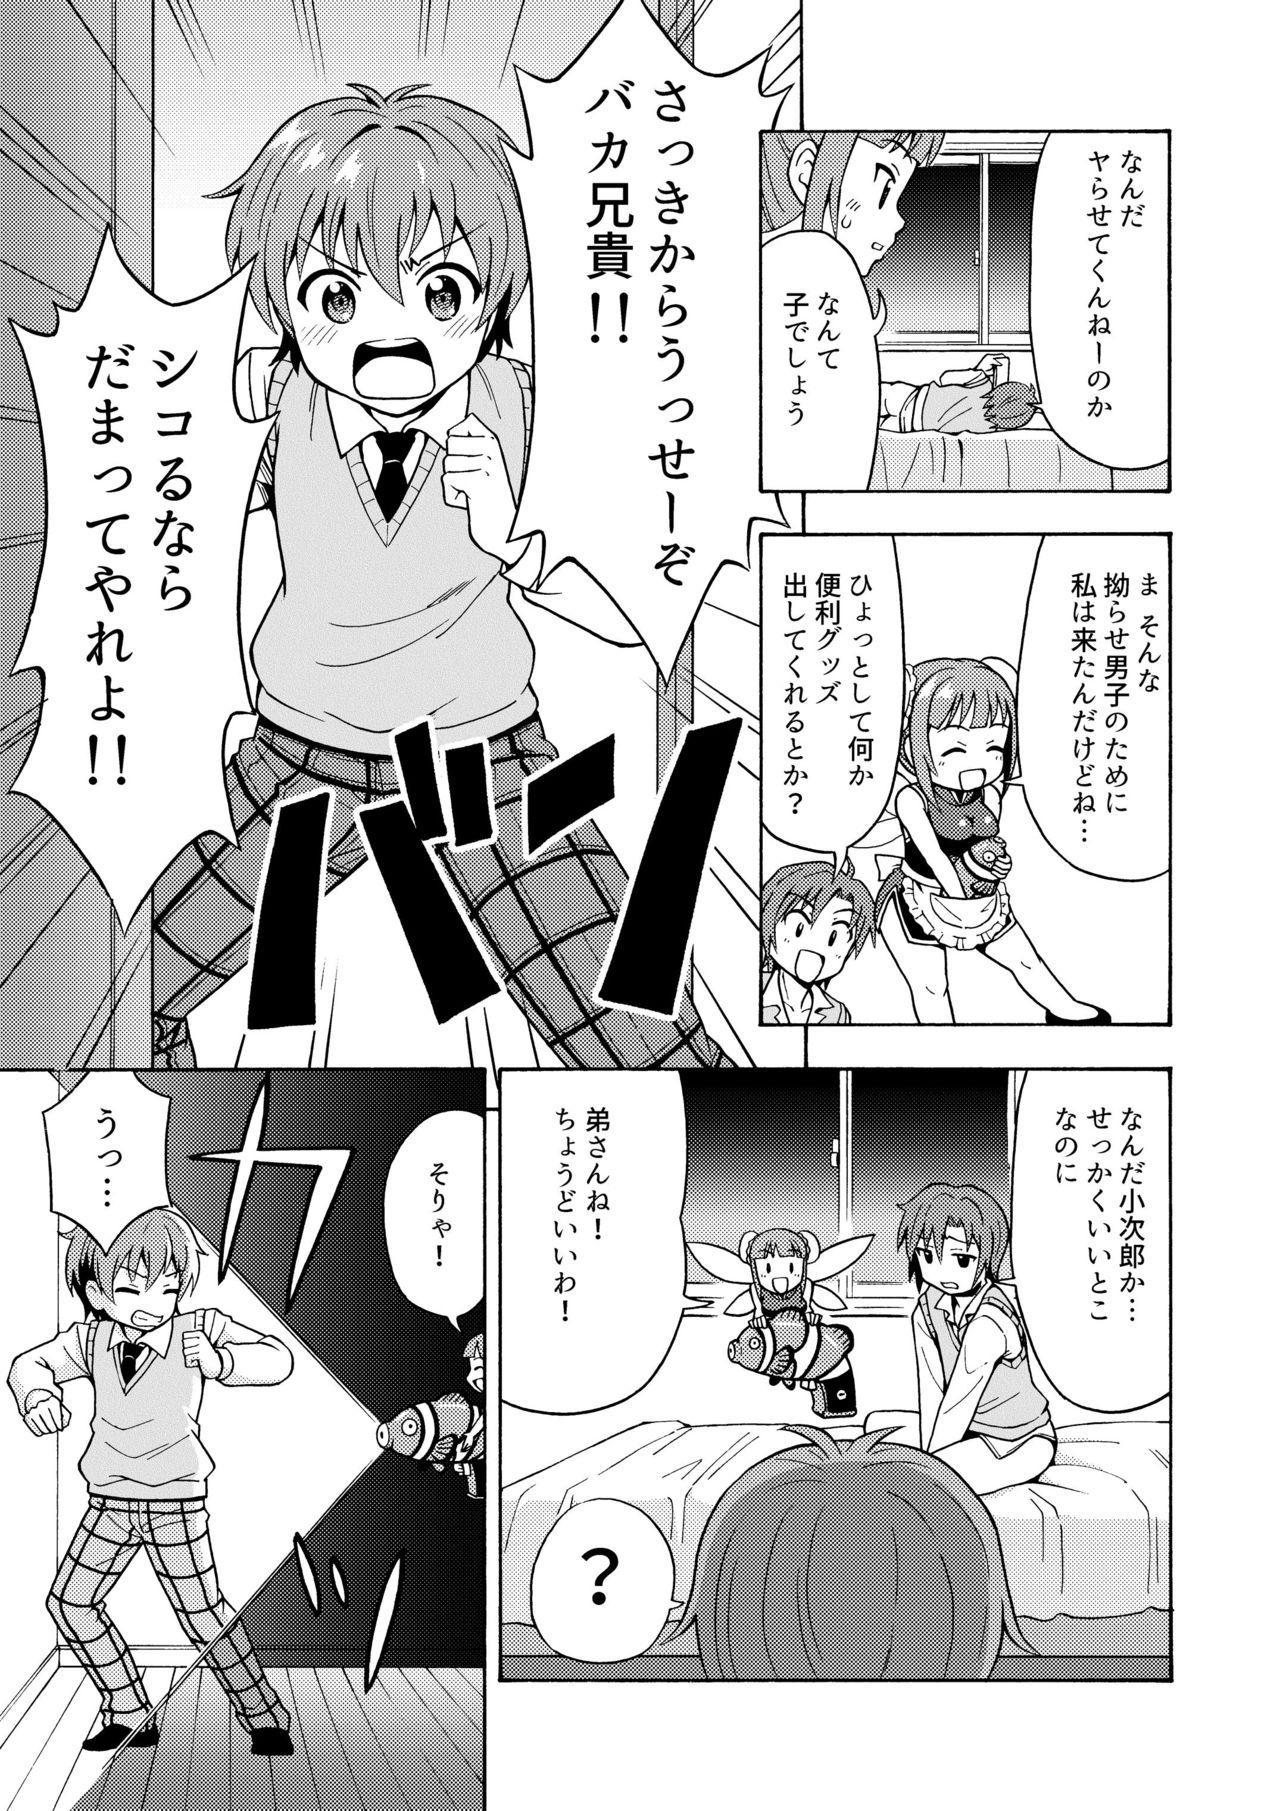 Henshin TS Gun 3